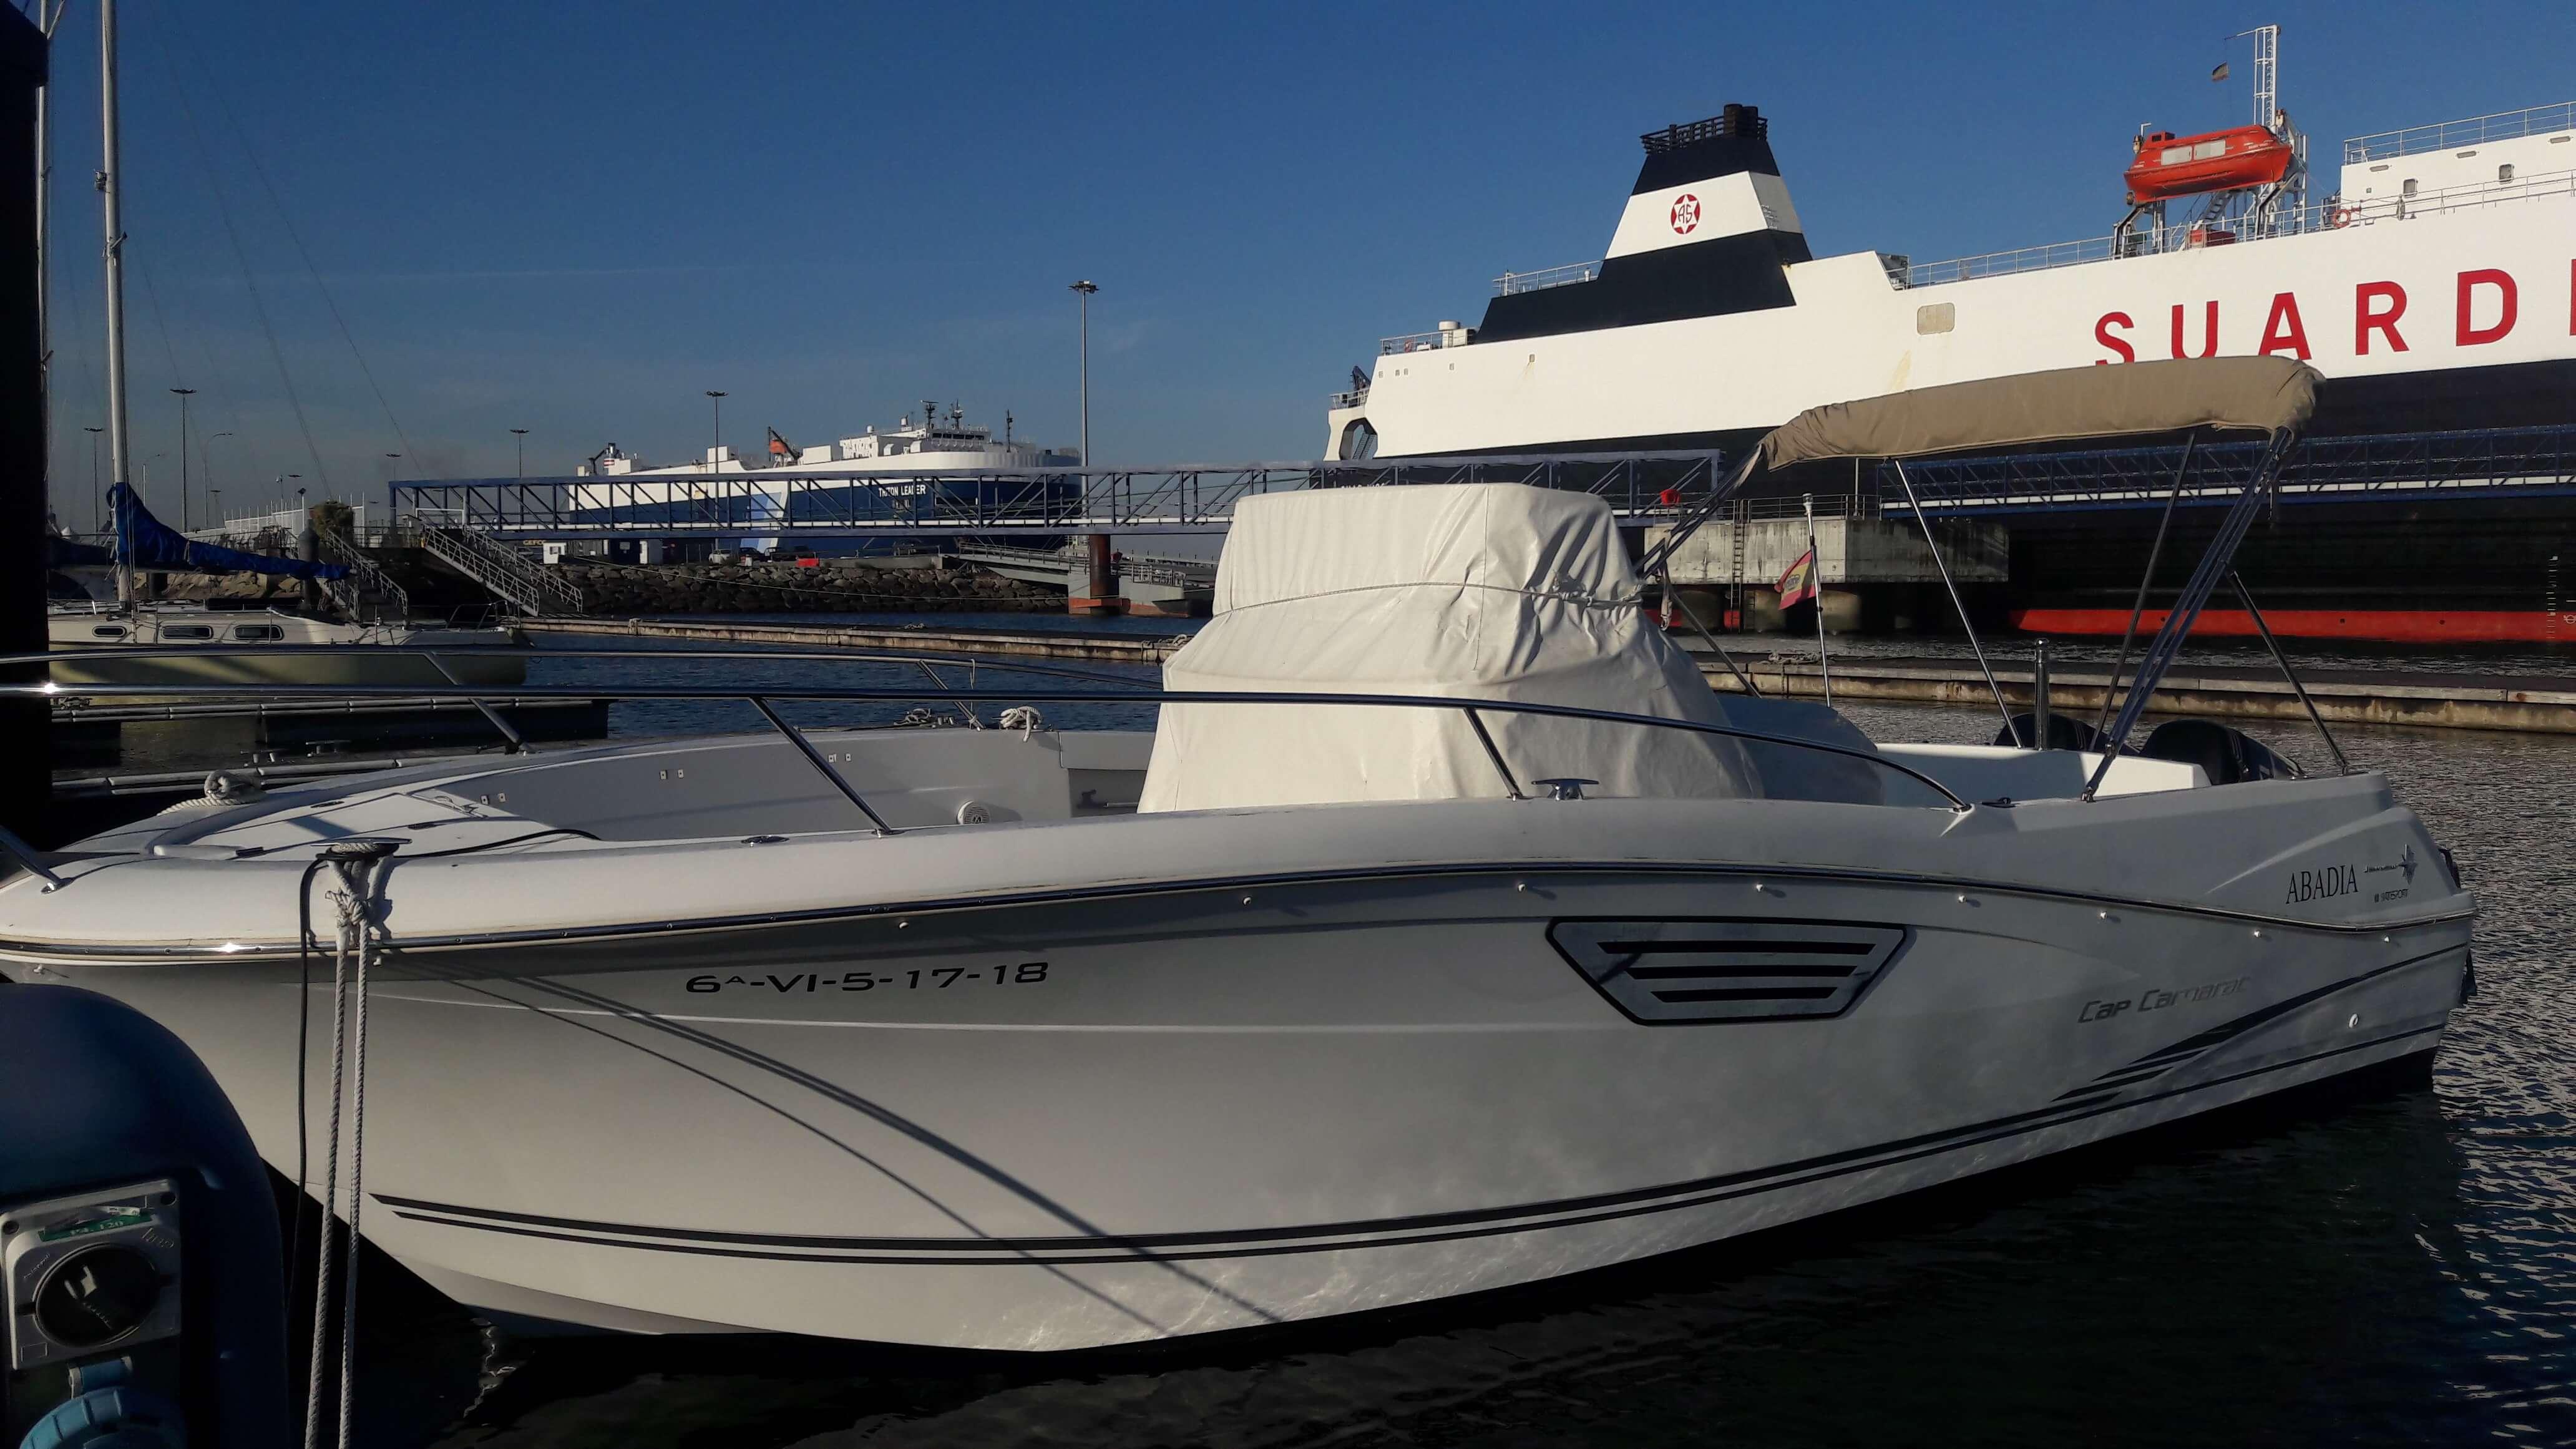 J850_costado_Sailway_charter_Ria_Vigo_Galicia